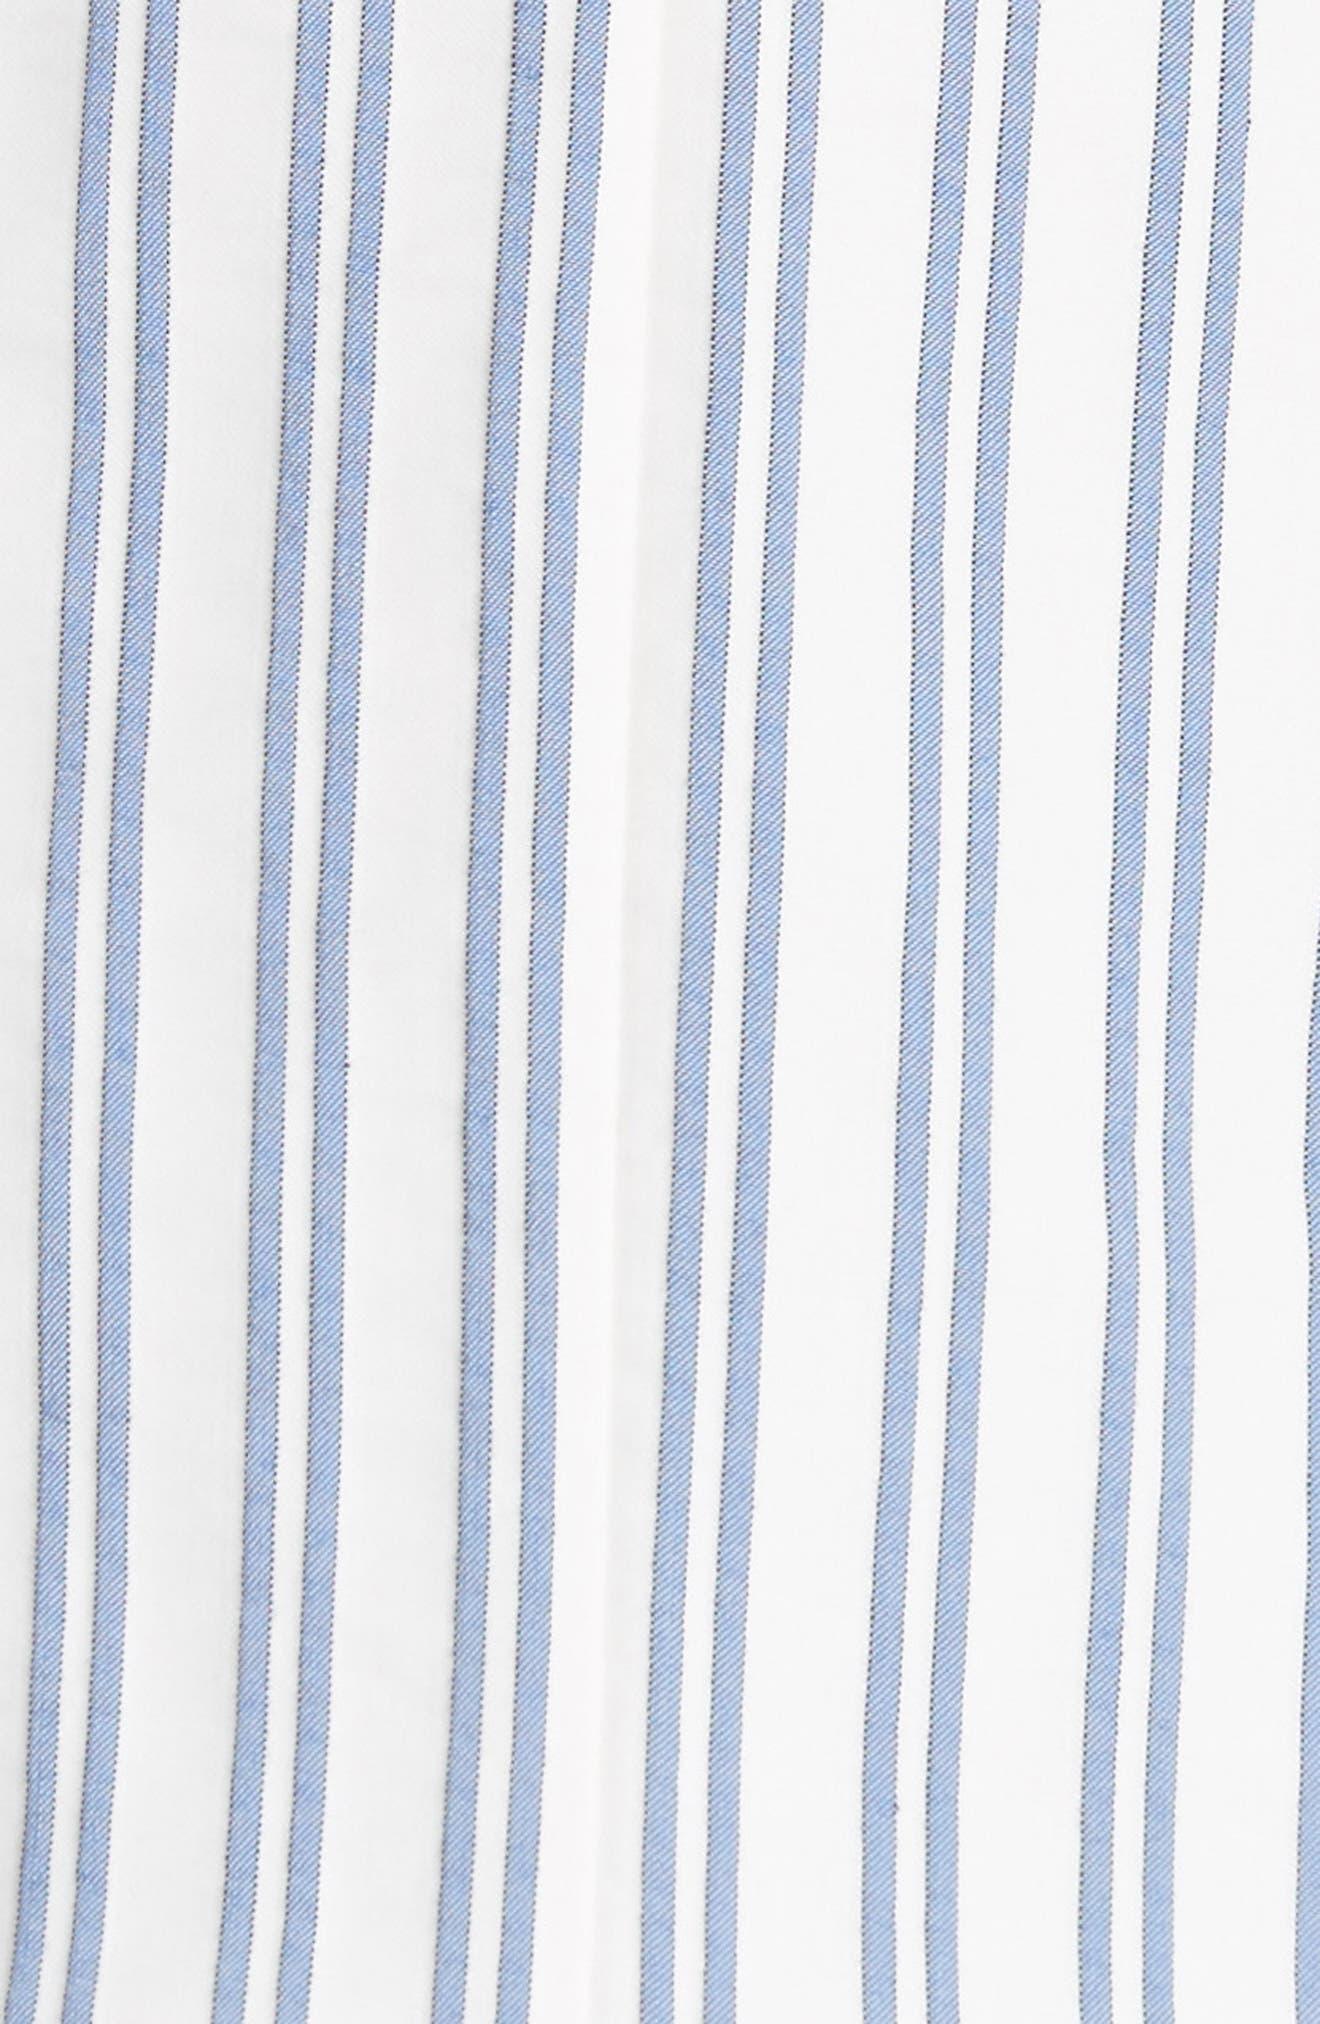 Stripe Cotton Blouse,                             Alternate thumbnail 4, color,                             Blue / Chalk